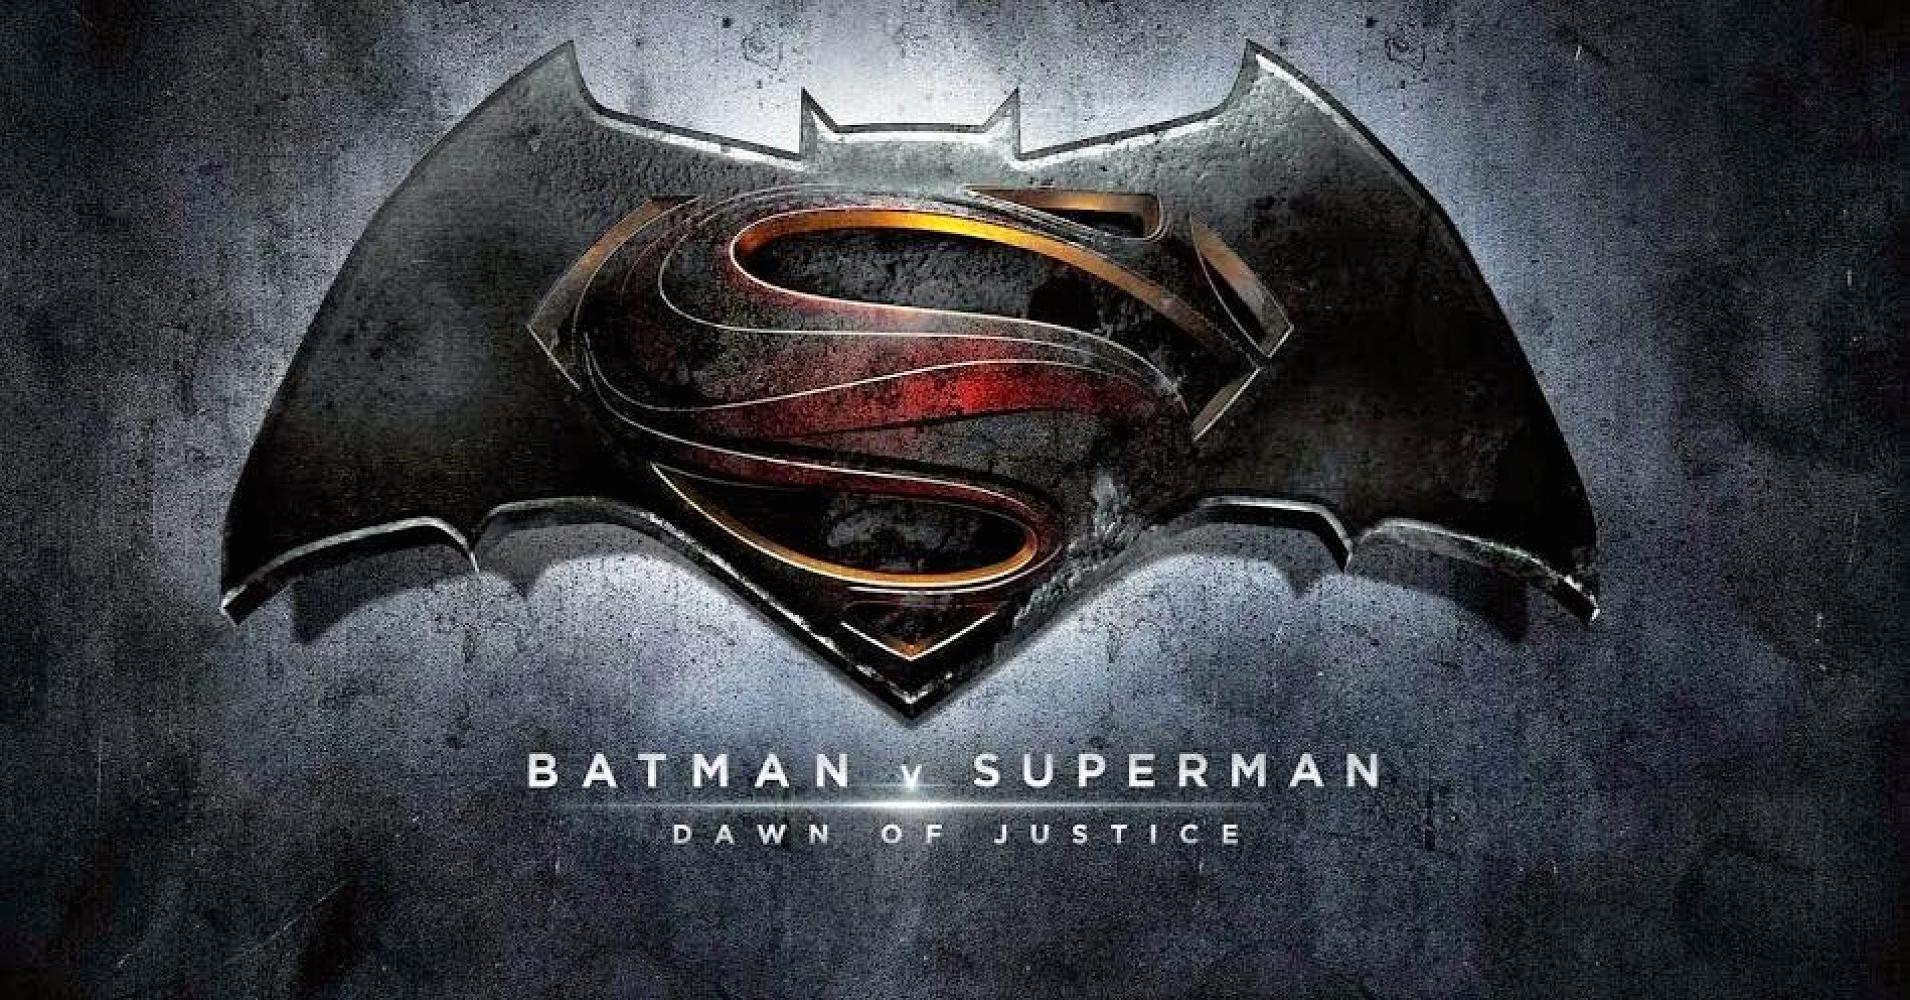 Análisis de la pelicula de #BatmanVSuperman